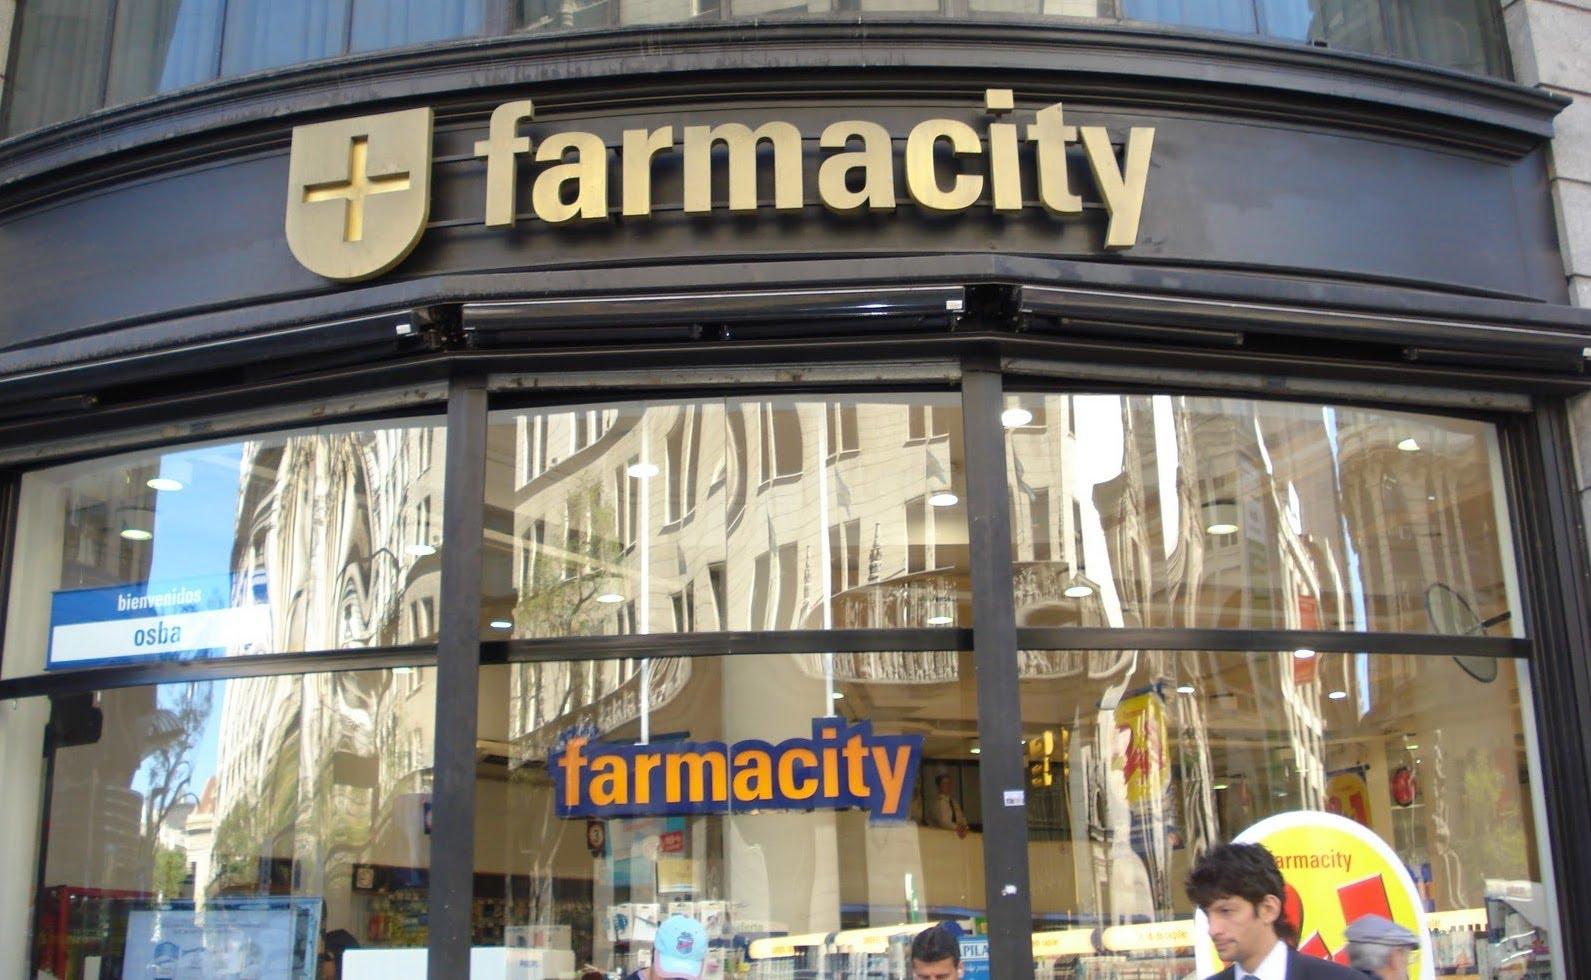 Con Farmacity, los farmacéuticos «pasan de clase media a clase baja»